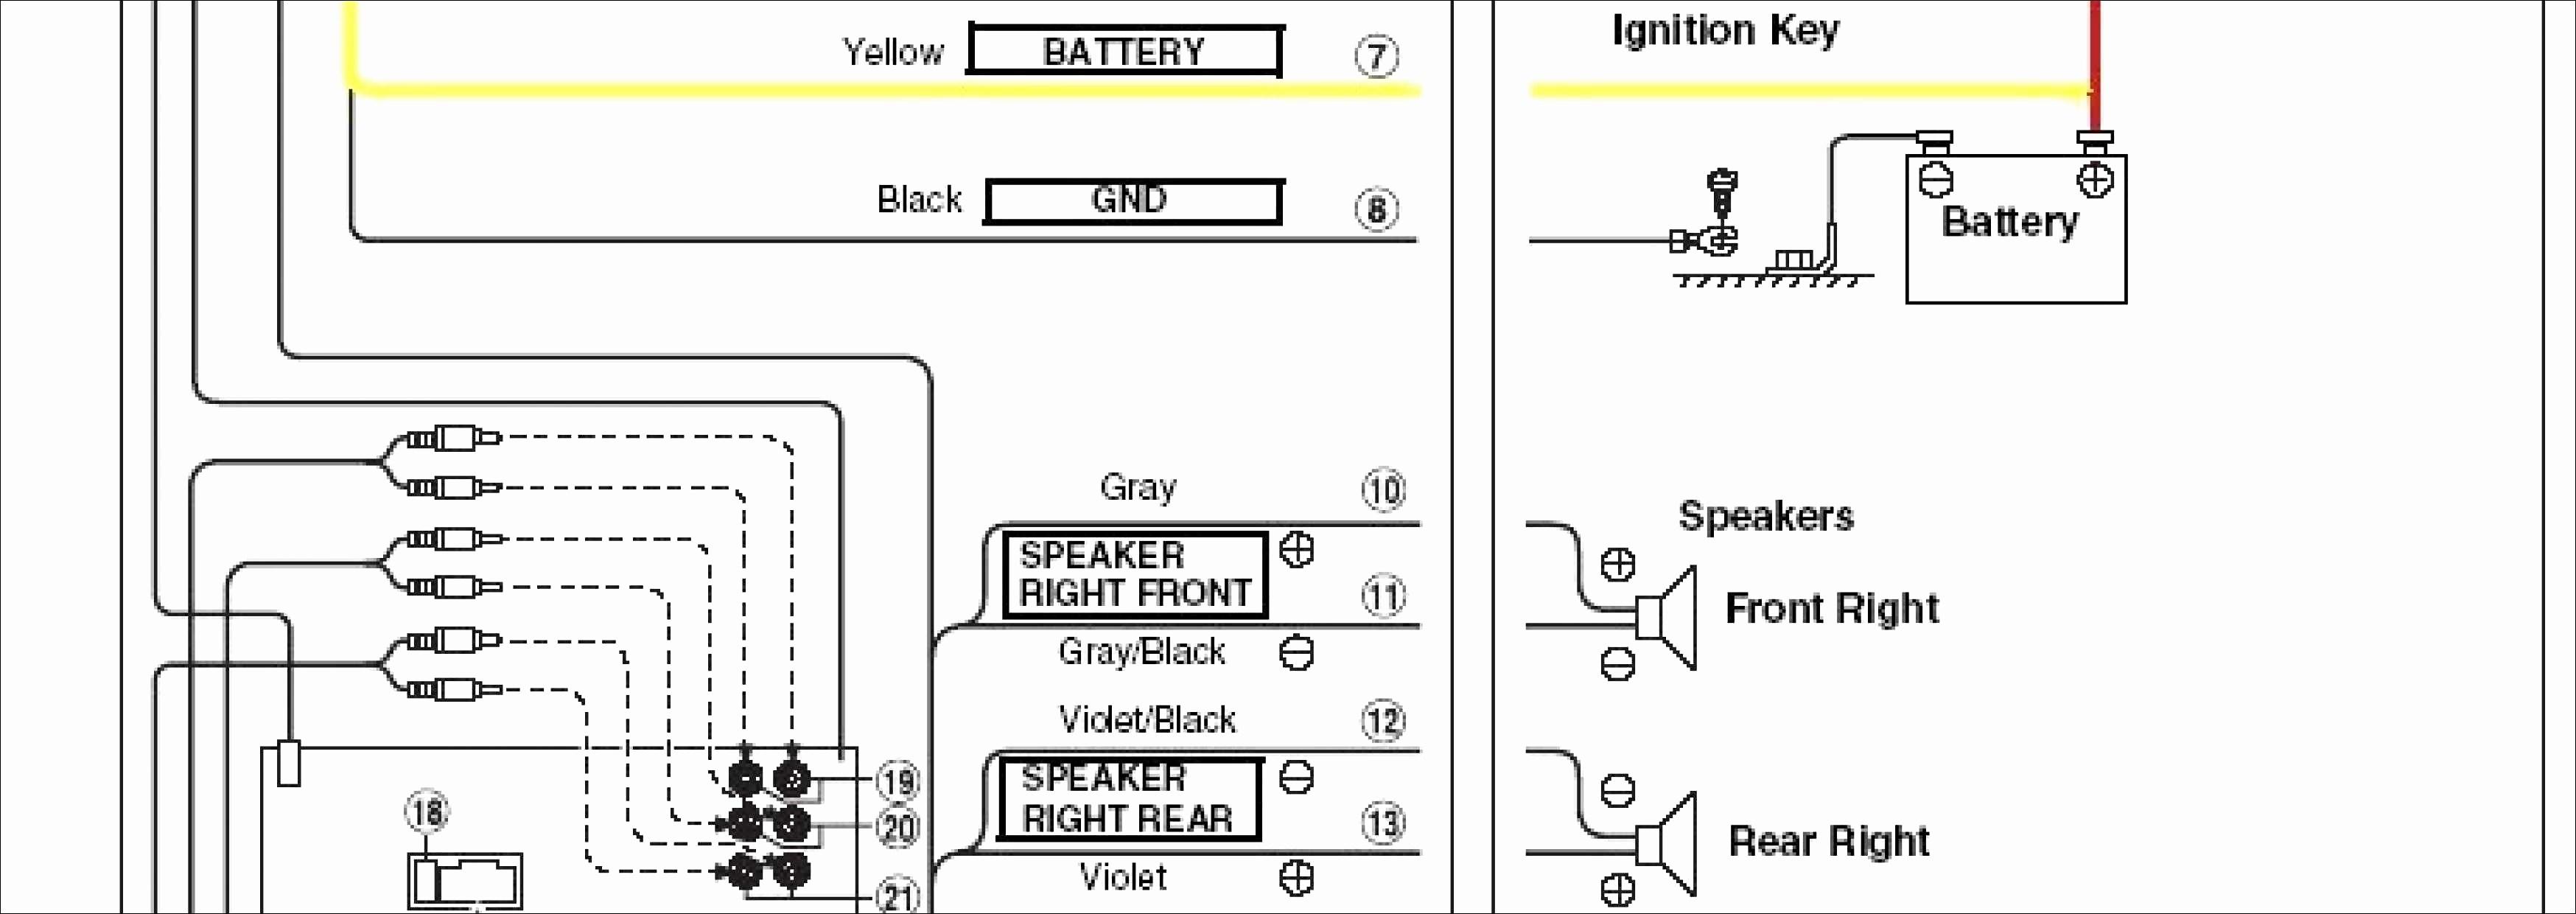 Pioneer Avh X1500 Wiring Diagram | Wiring Diagram - Pioneer Avh X1500Dvd Wiring Diagram